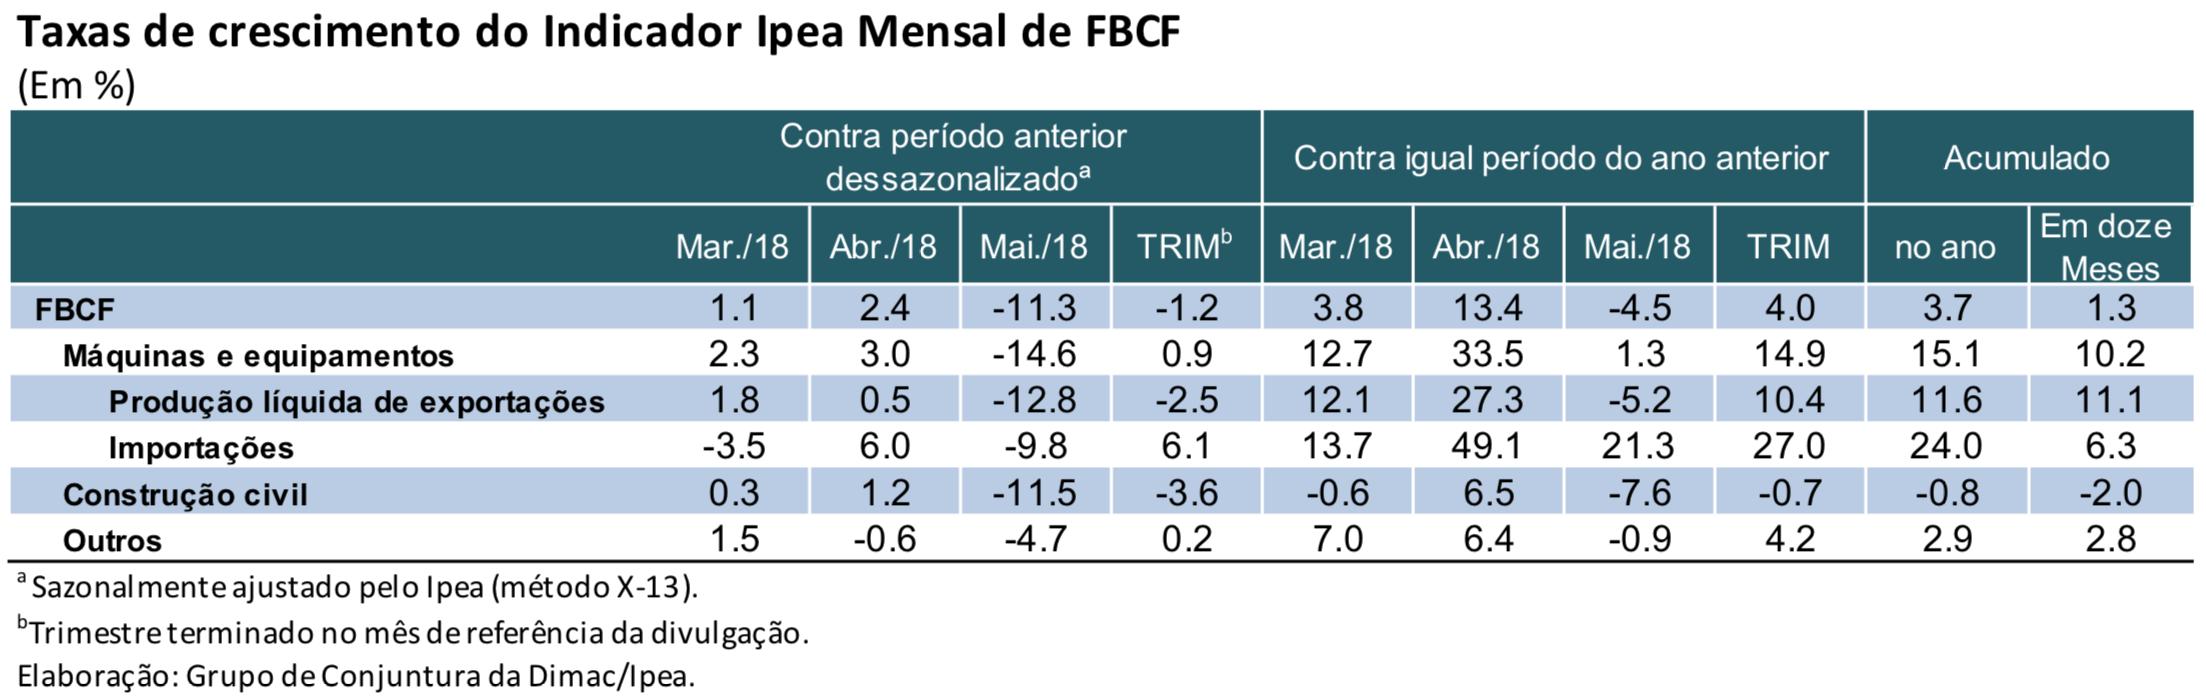 Tabela-Indicador-Ipea-FBCF-mai18